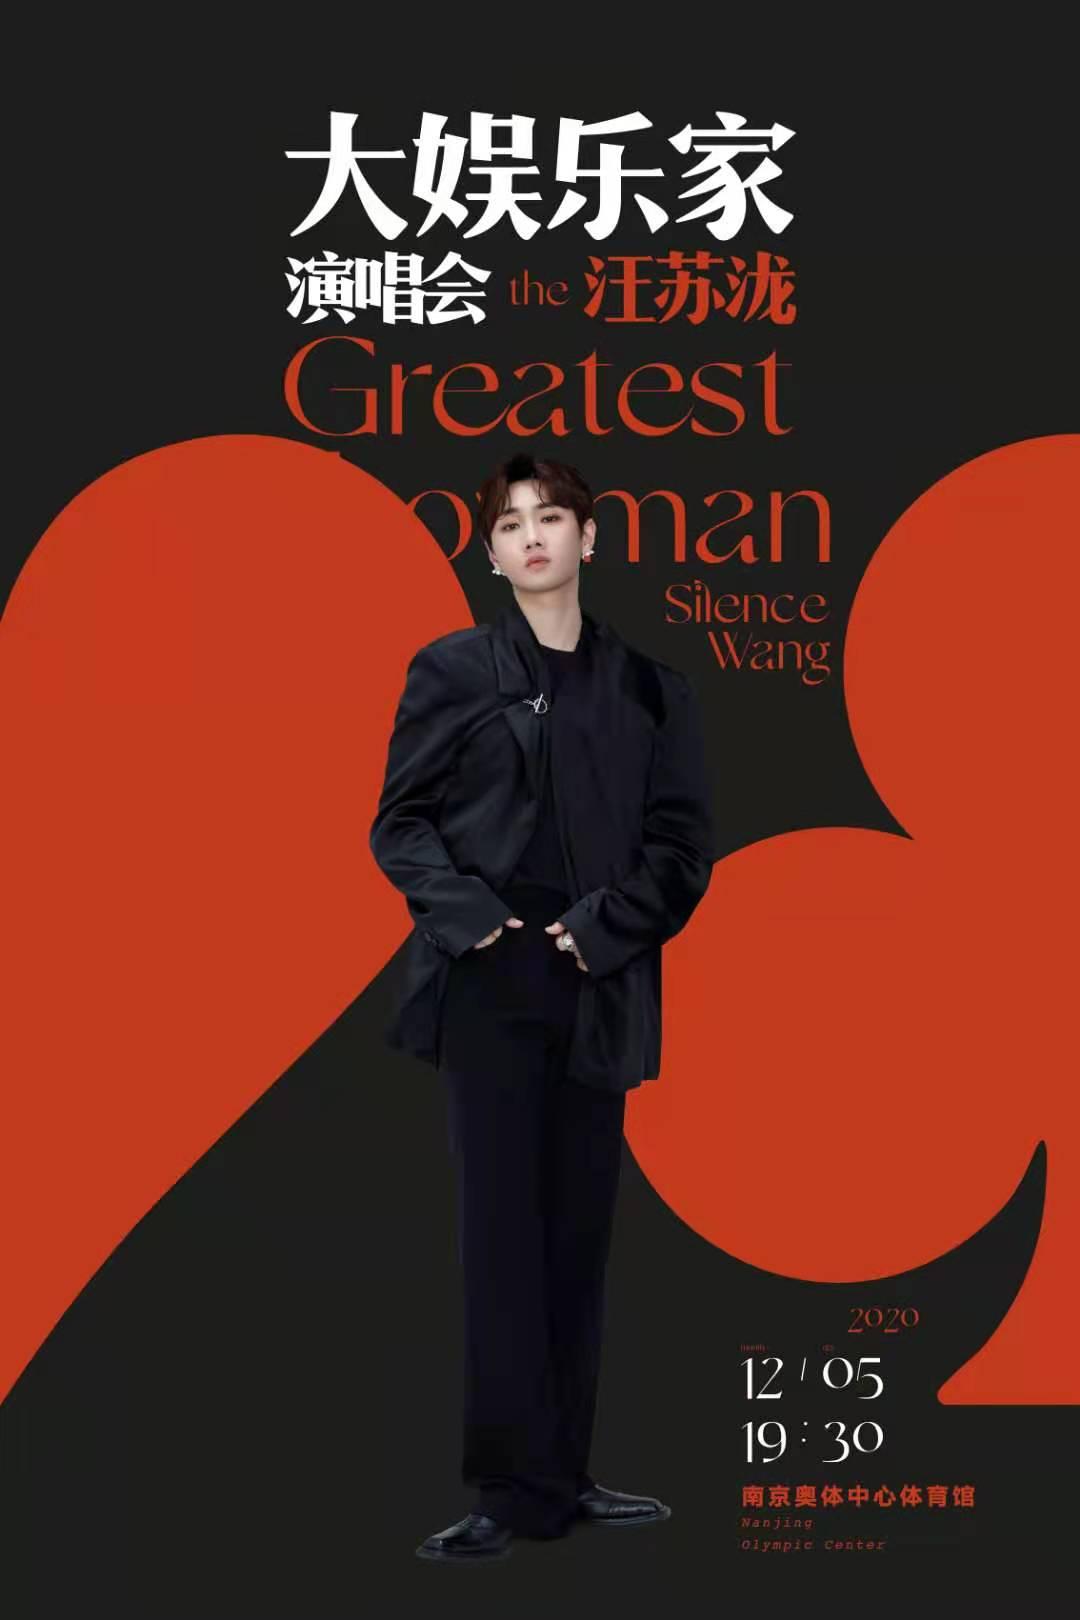 """王秀龙""""大娱乐街""""演唱会的第一站南京12/5开创11/16开创预售(/4)"""